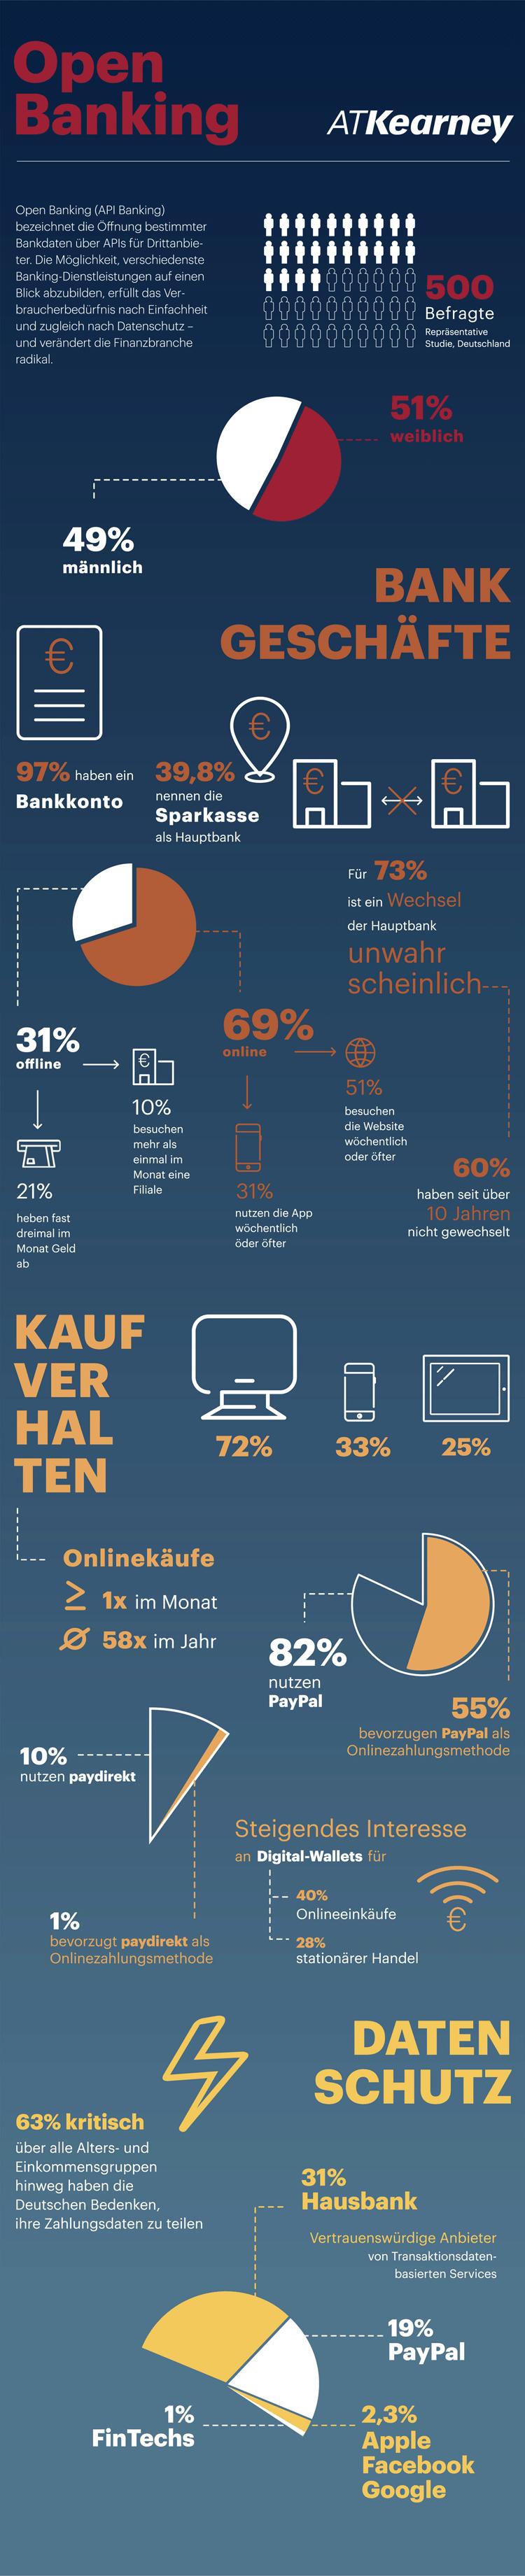 Infografik: Open Banking aus Sicht deutscher Bankkunden